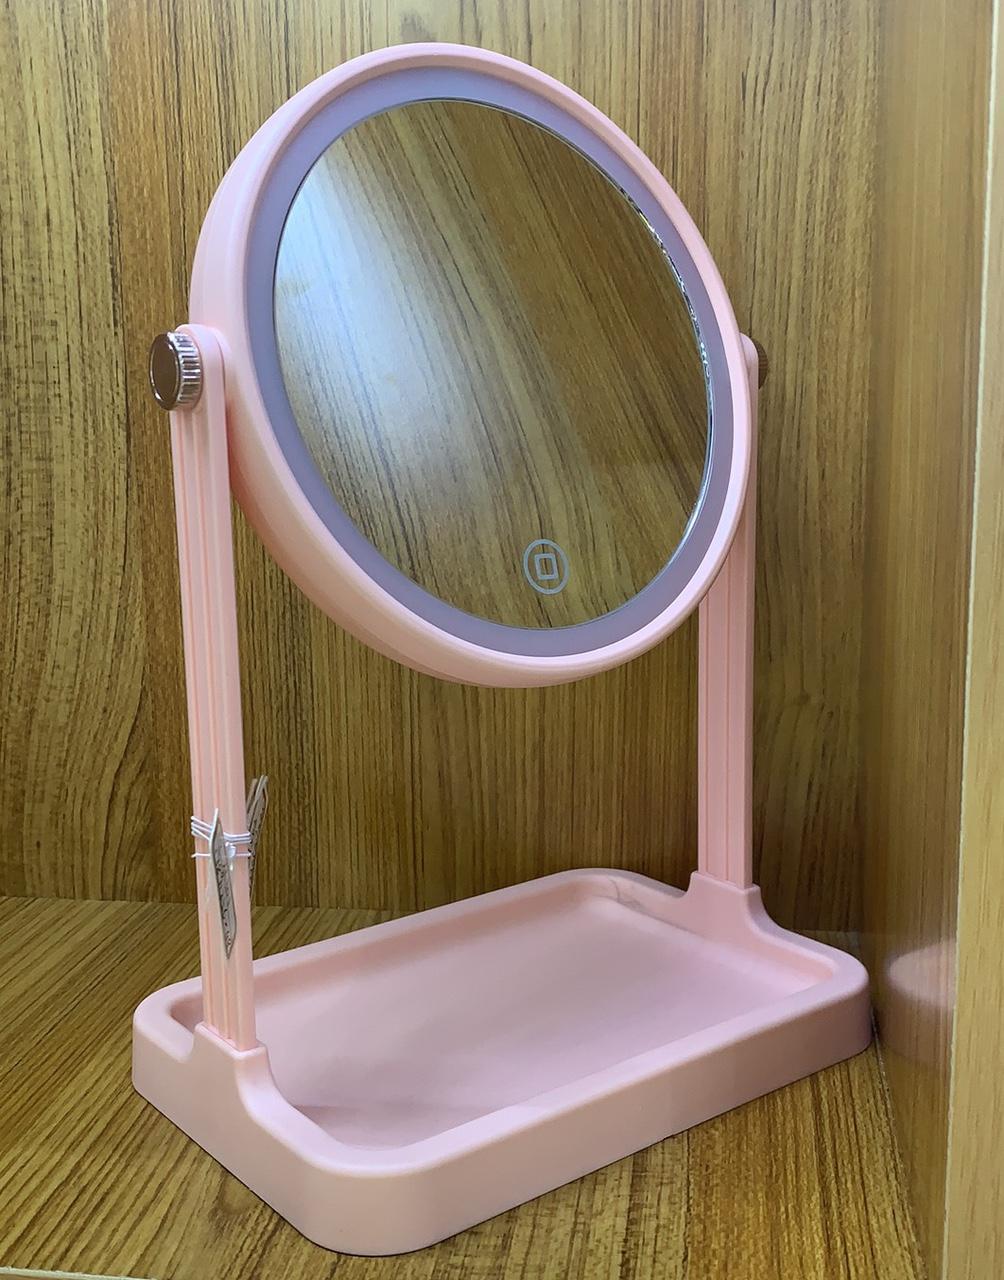 充电LED化妆美颜镜子灯带收纳盒